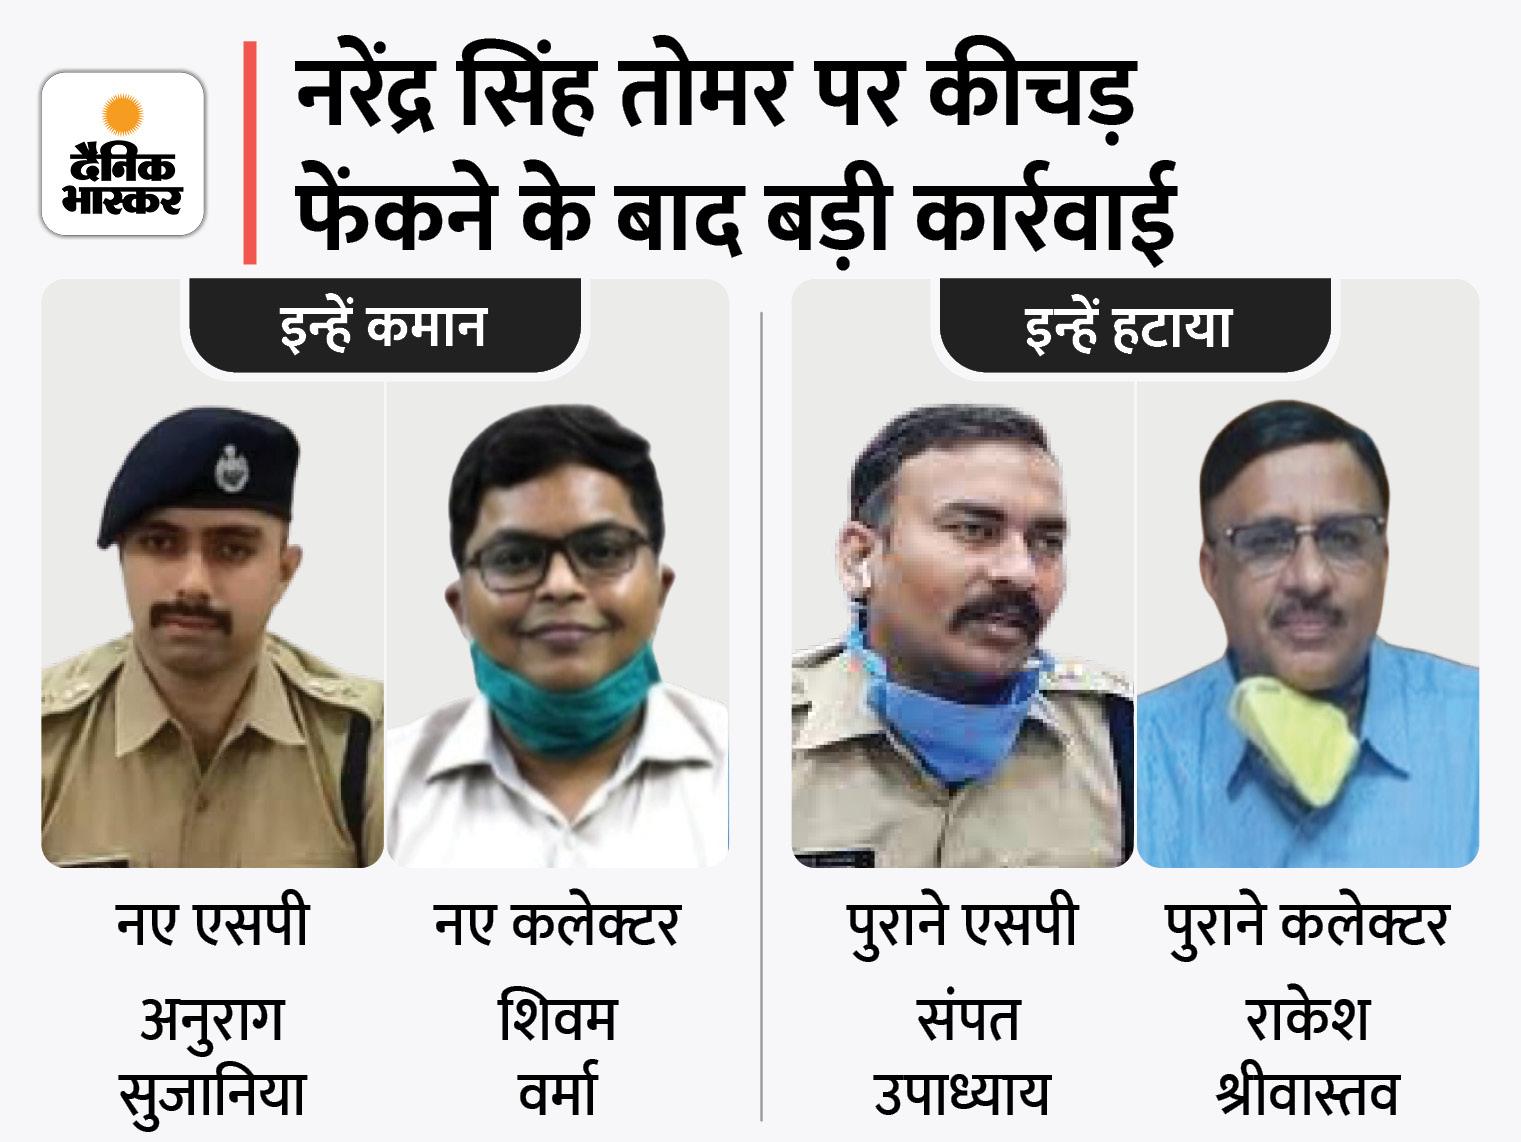 श्योपुर में हालात पर काबू नहीं कर पाने पर कलेक्टर-ADM और SP को हटाया, केंद्रीय मंत्री की गाड़ी पर पीड़ितों ने फेंका था कीचड़|ग्वालियर,Gwalior - Dainik Bhaskar